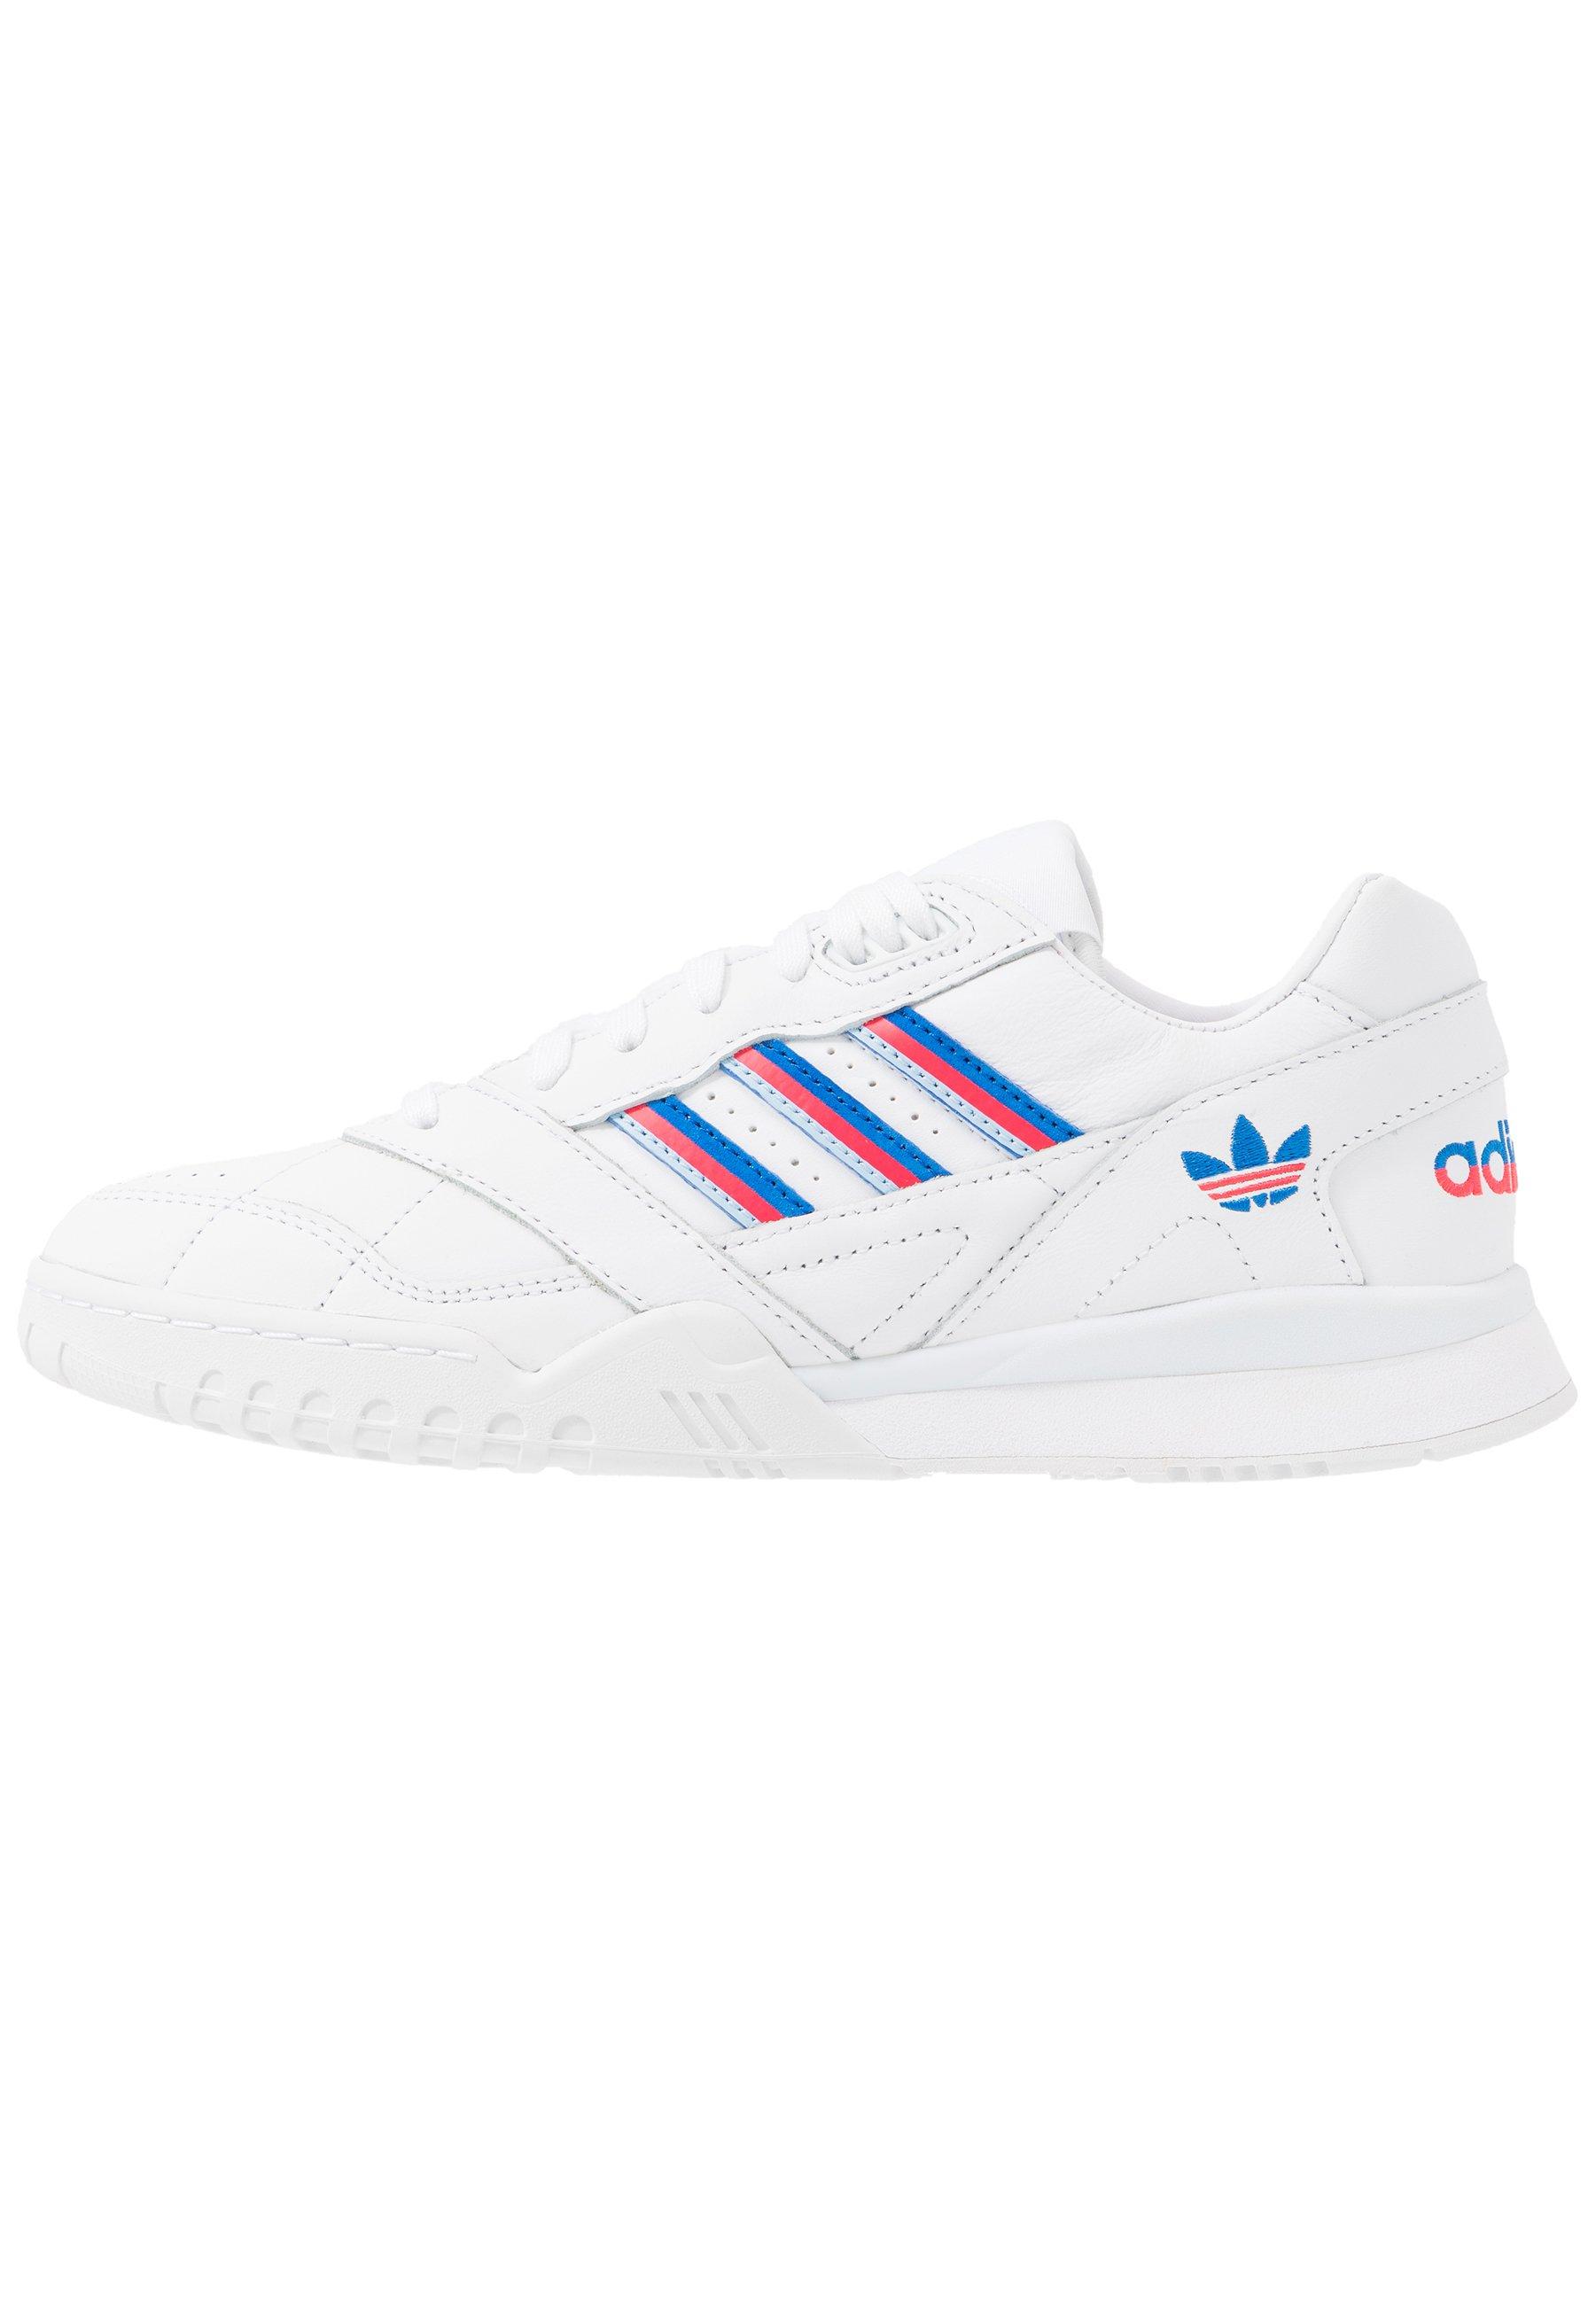 Adidas Originals Trainer - Sneakers Footwear White/glow Blu/shock Red